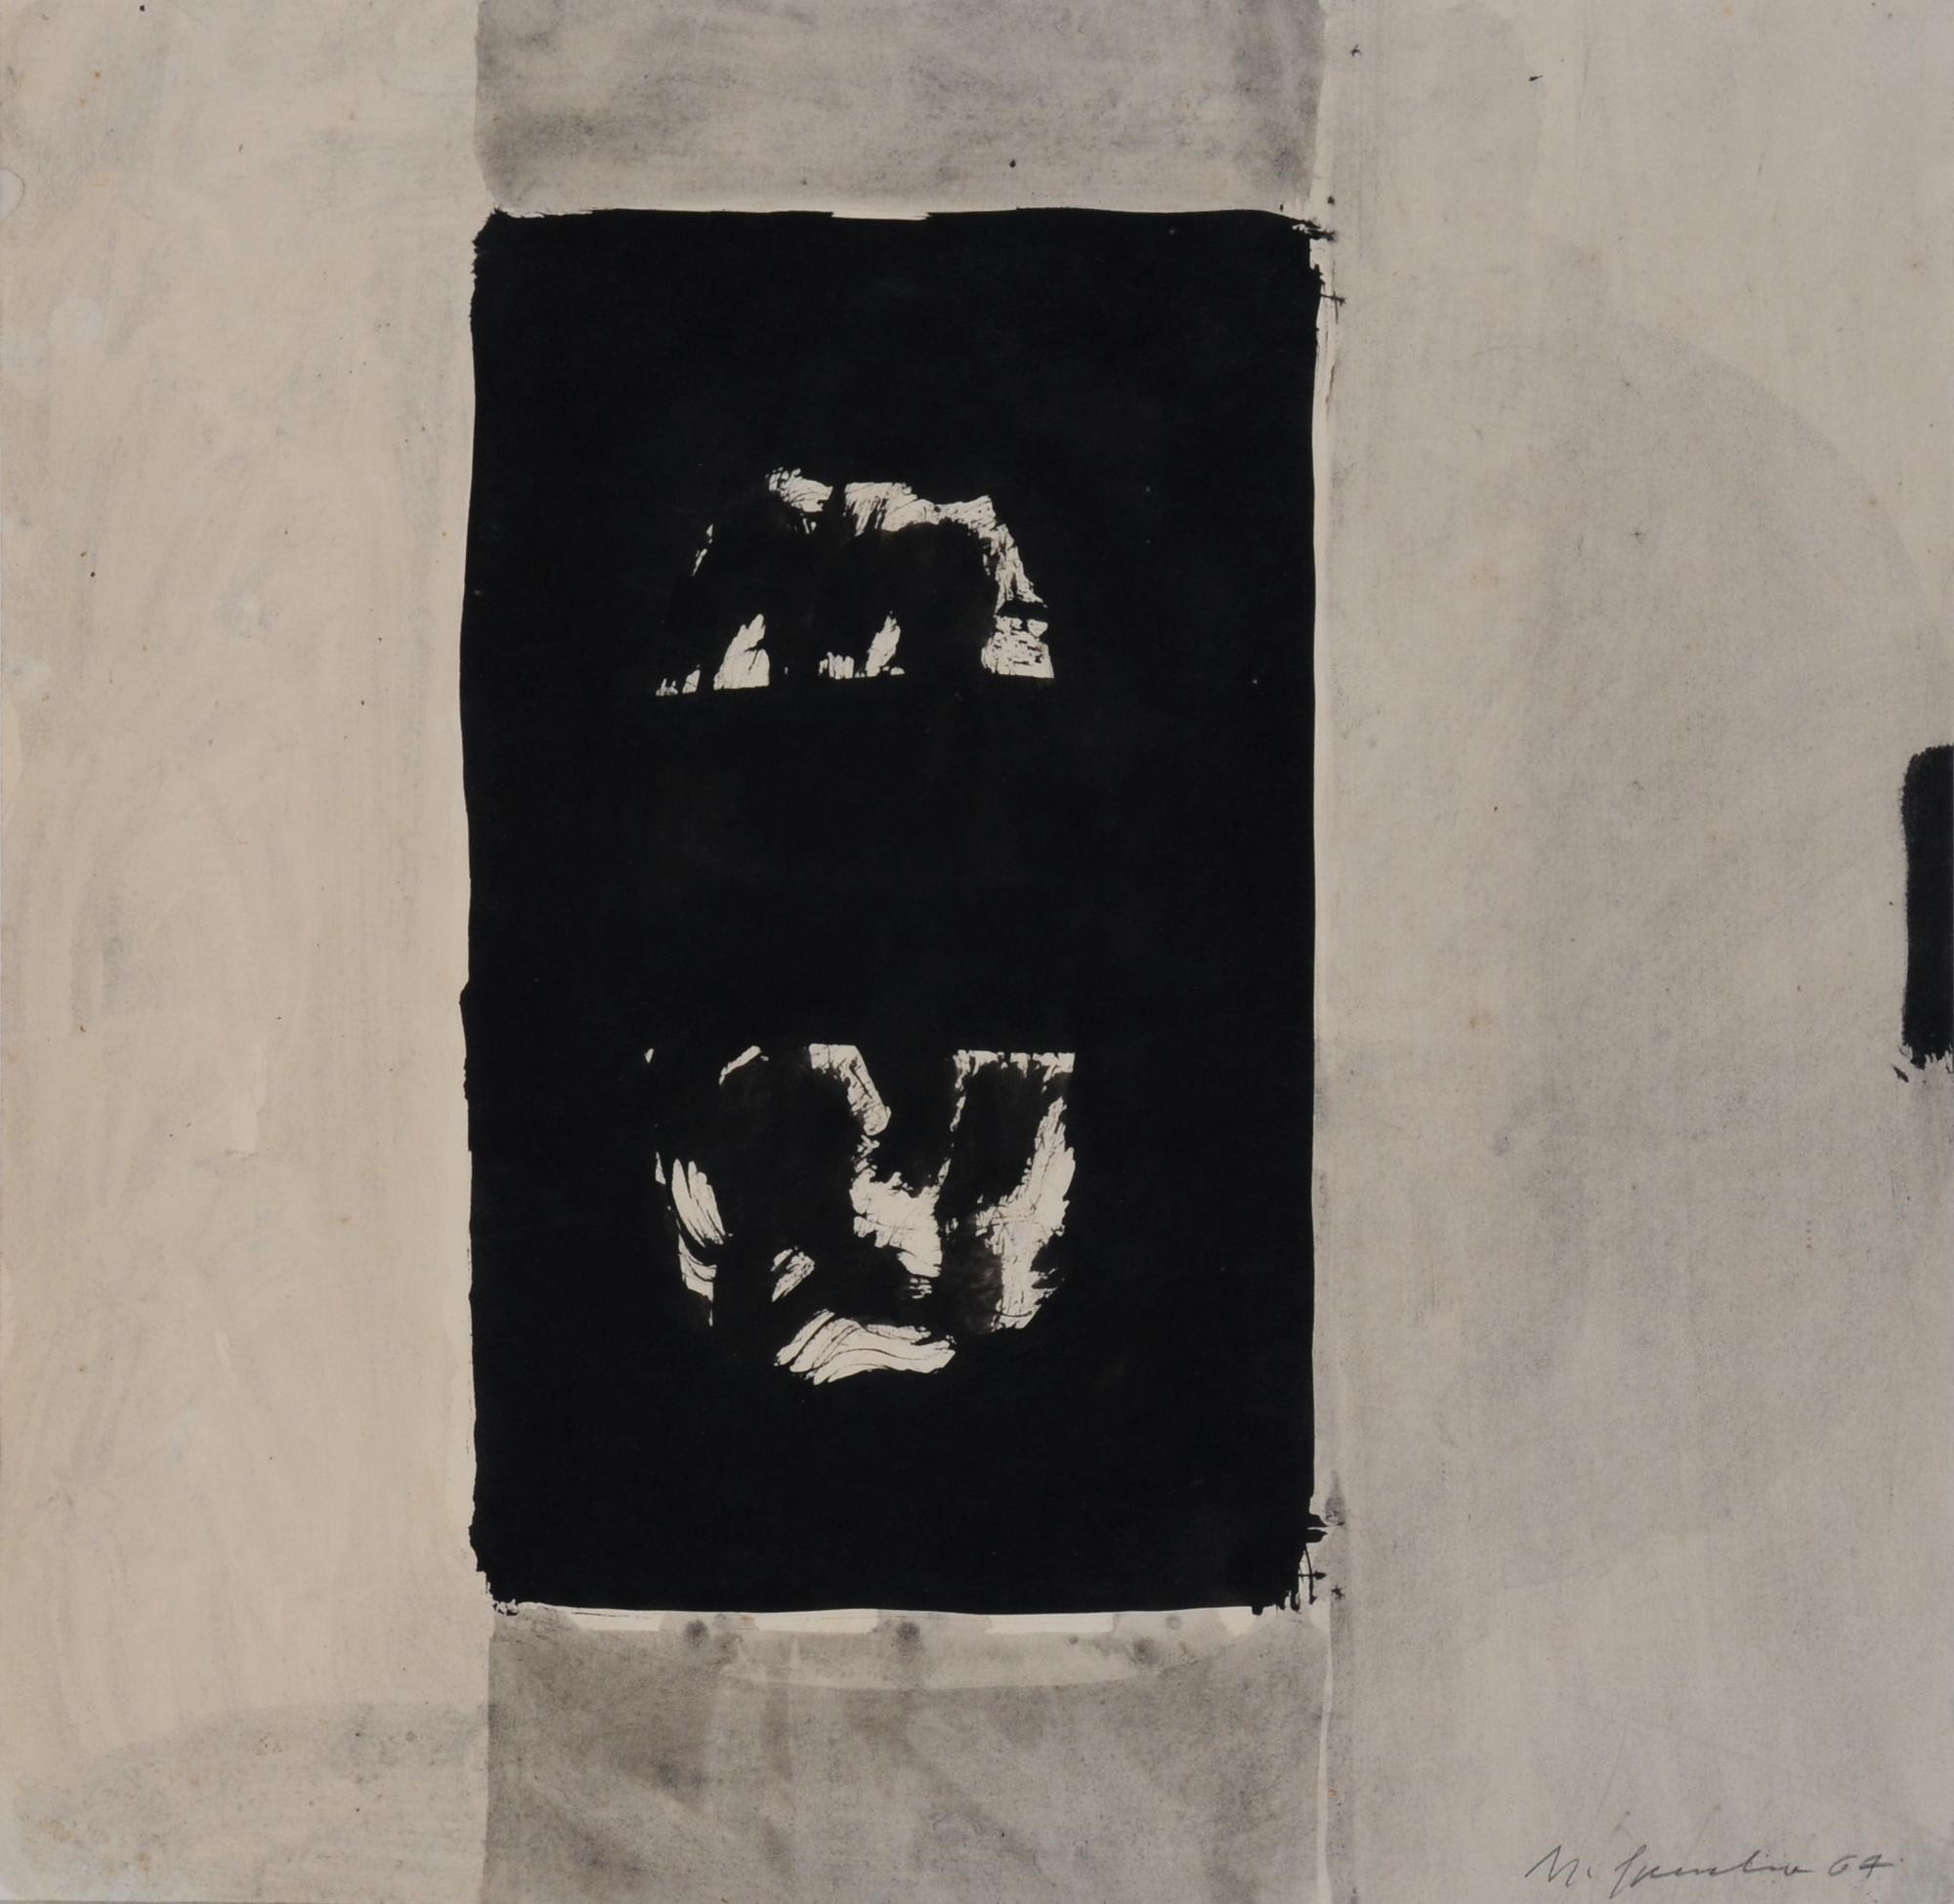 Spescha Matias, Untitled